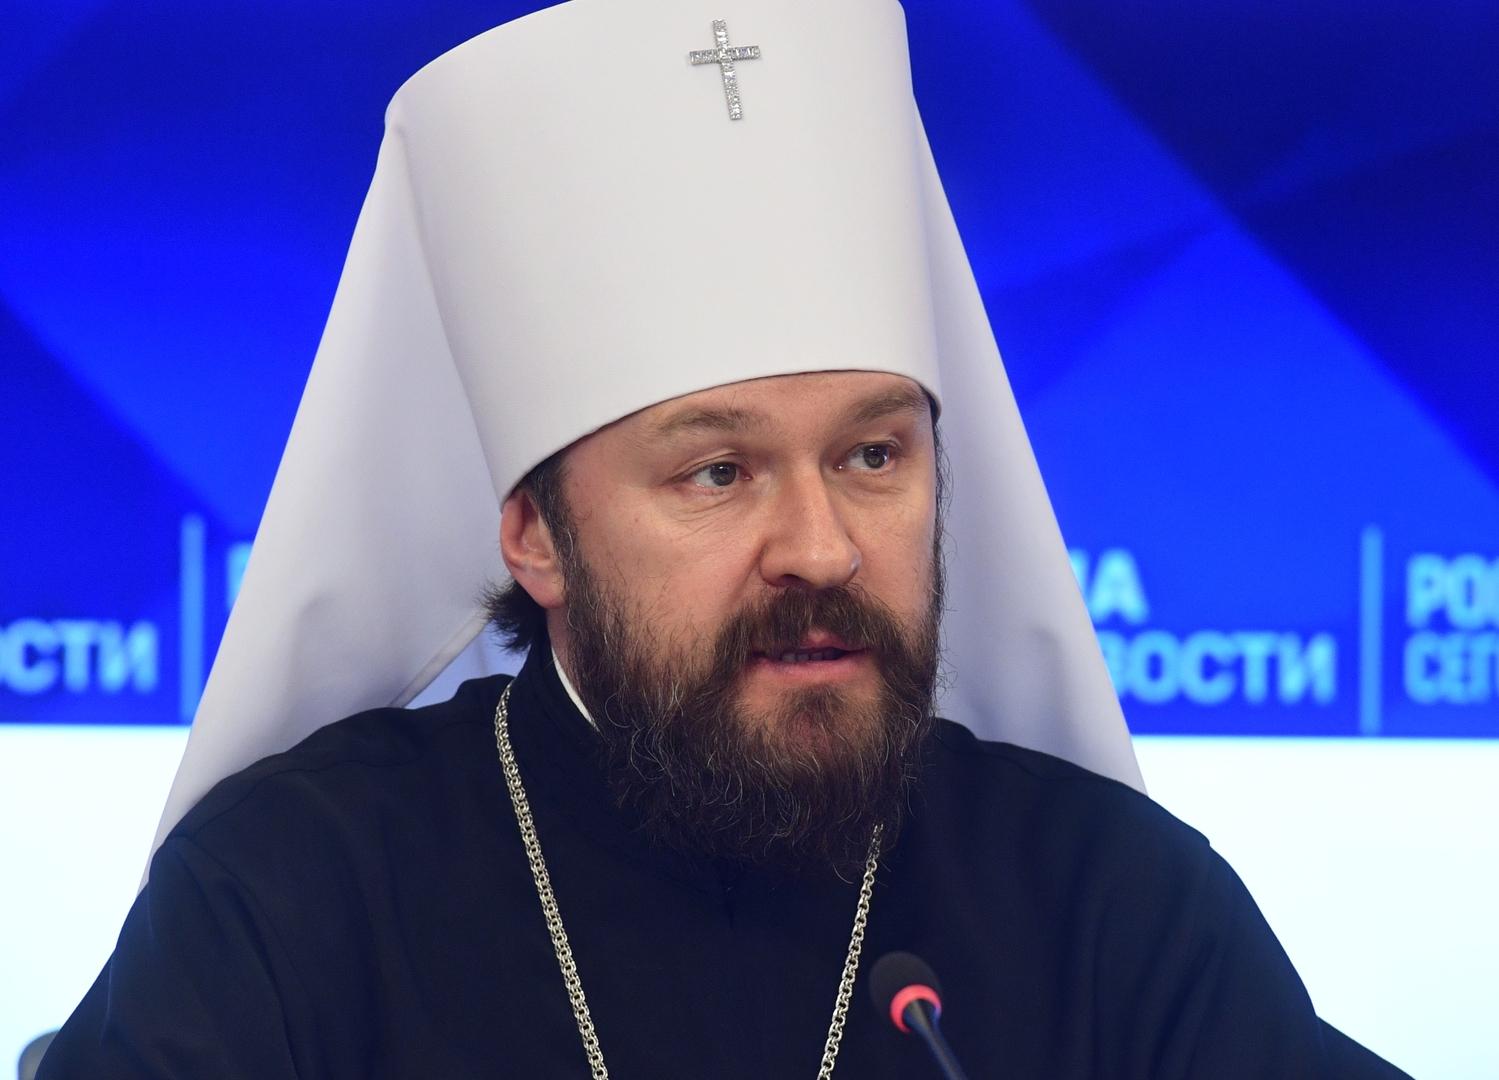 الكنيسة الأرثوذكسية الروسية: تحويل آيا صوفيا إلى مسجد سيمثل انتهاكا غير مقبول للحرية الدينية